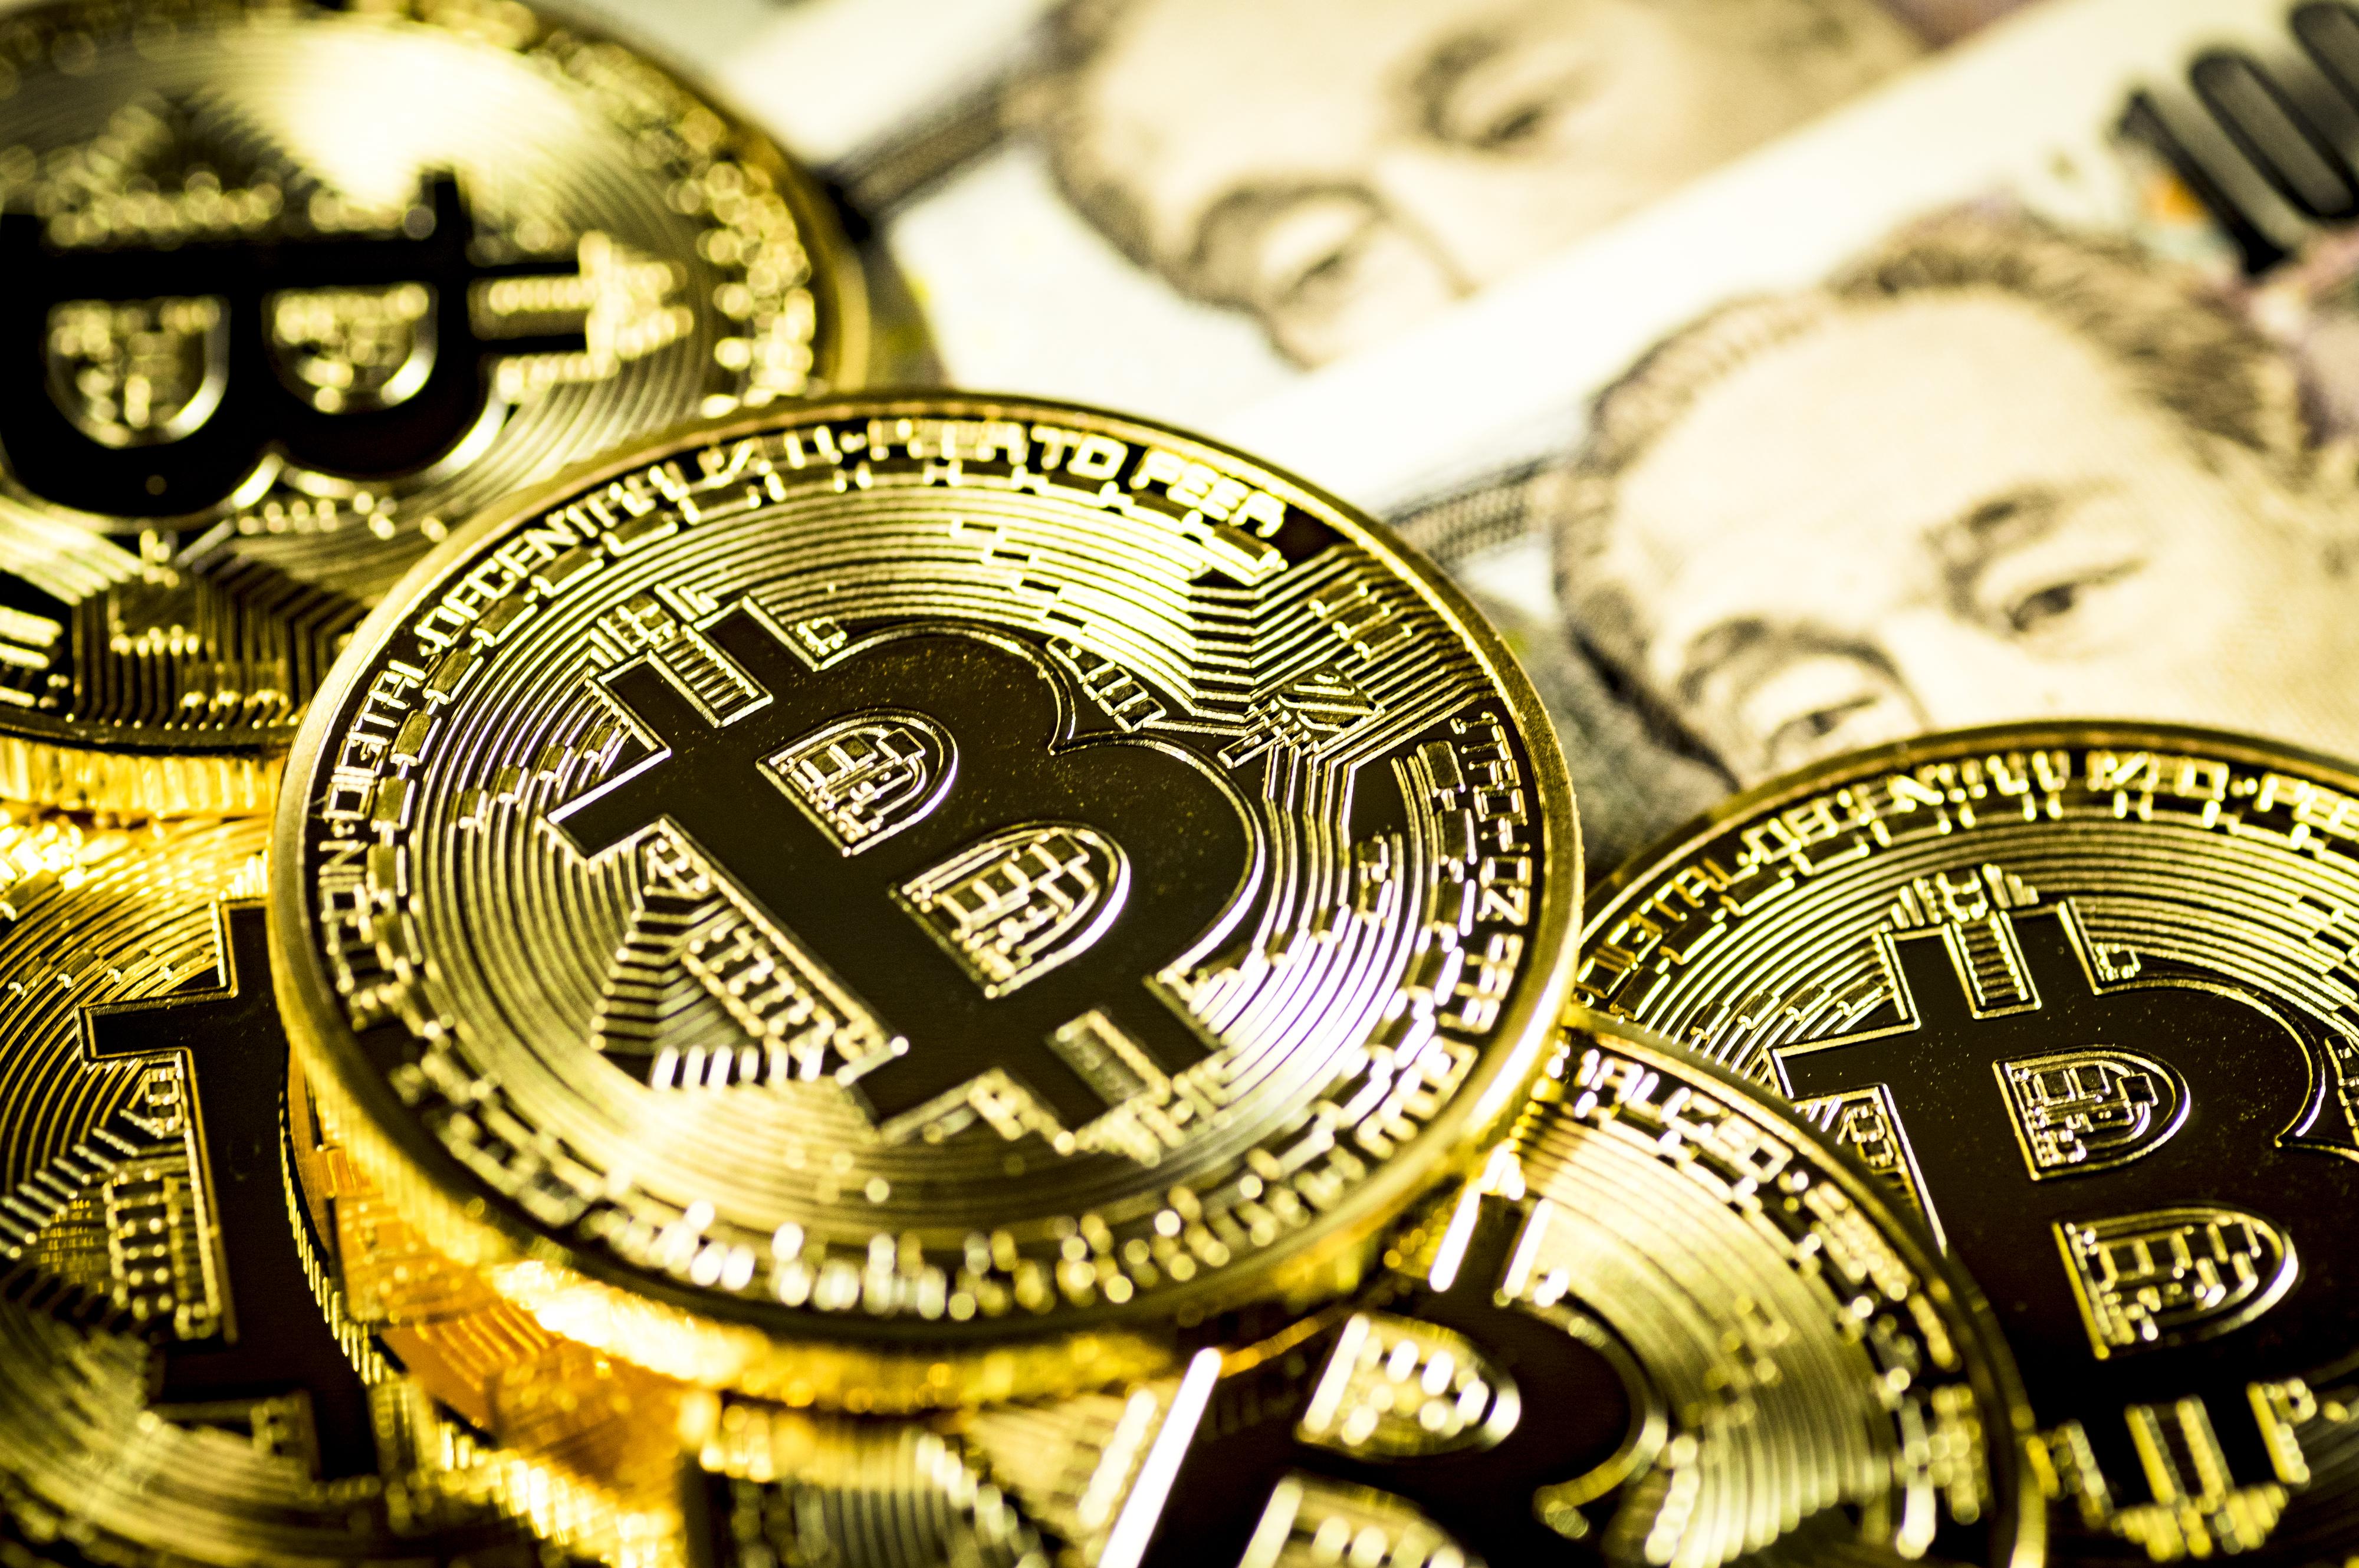 ビットコインの価格分析:『止まらないビットコイン相場。心理的節目万円も難なく突破』11/15 | 仮想通貨羅針盤 ビットコイン